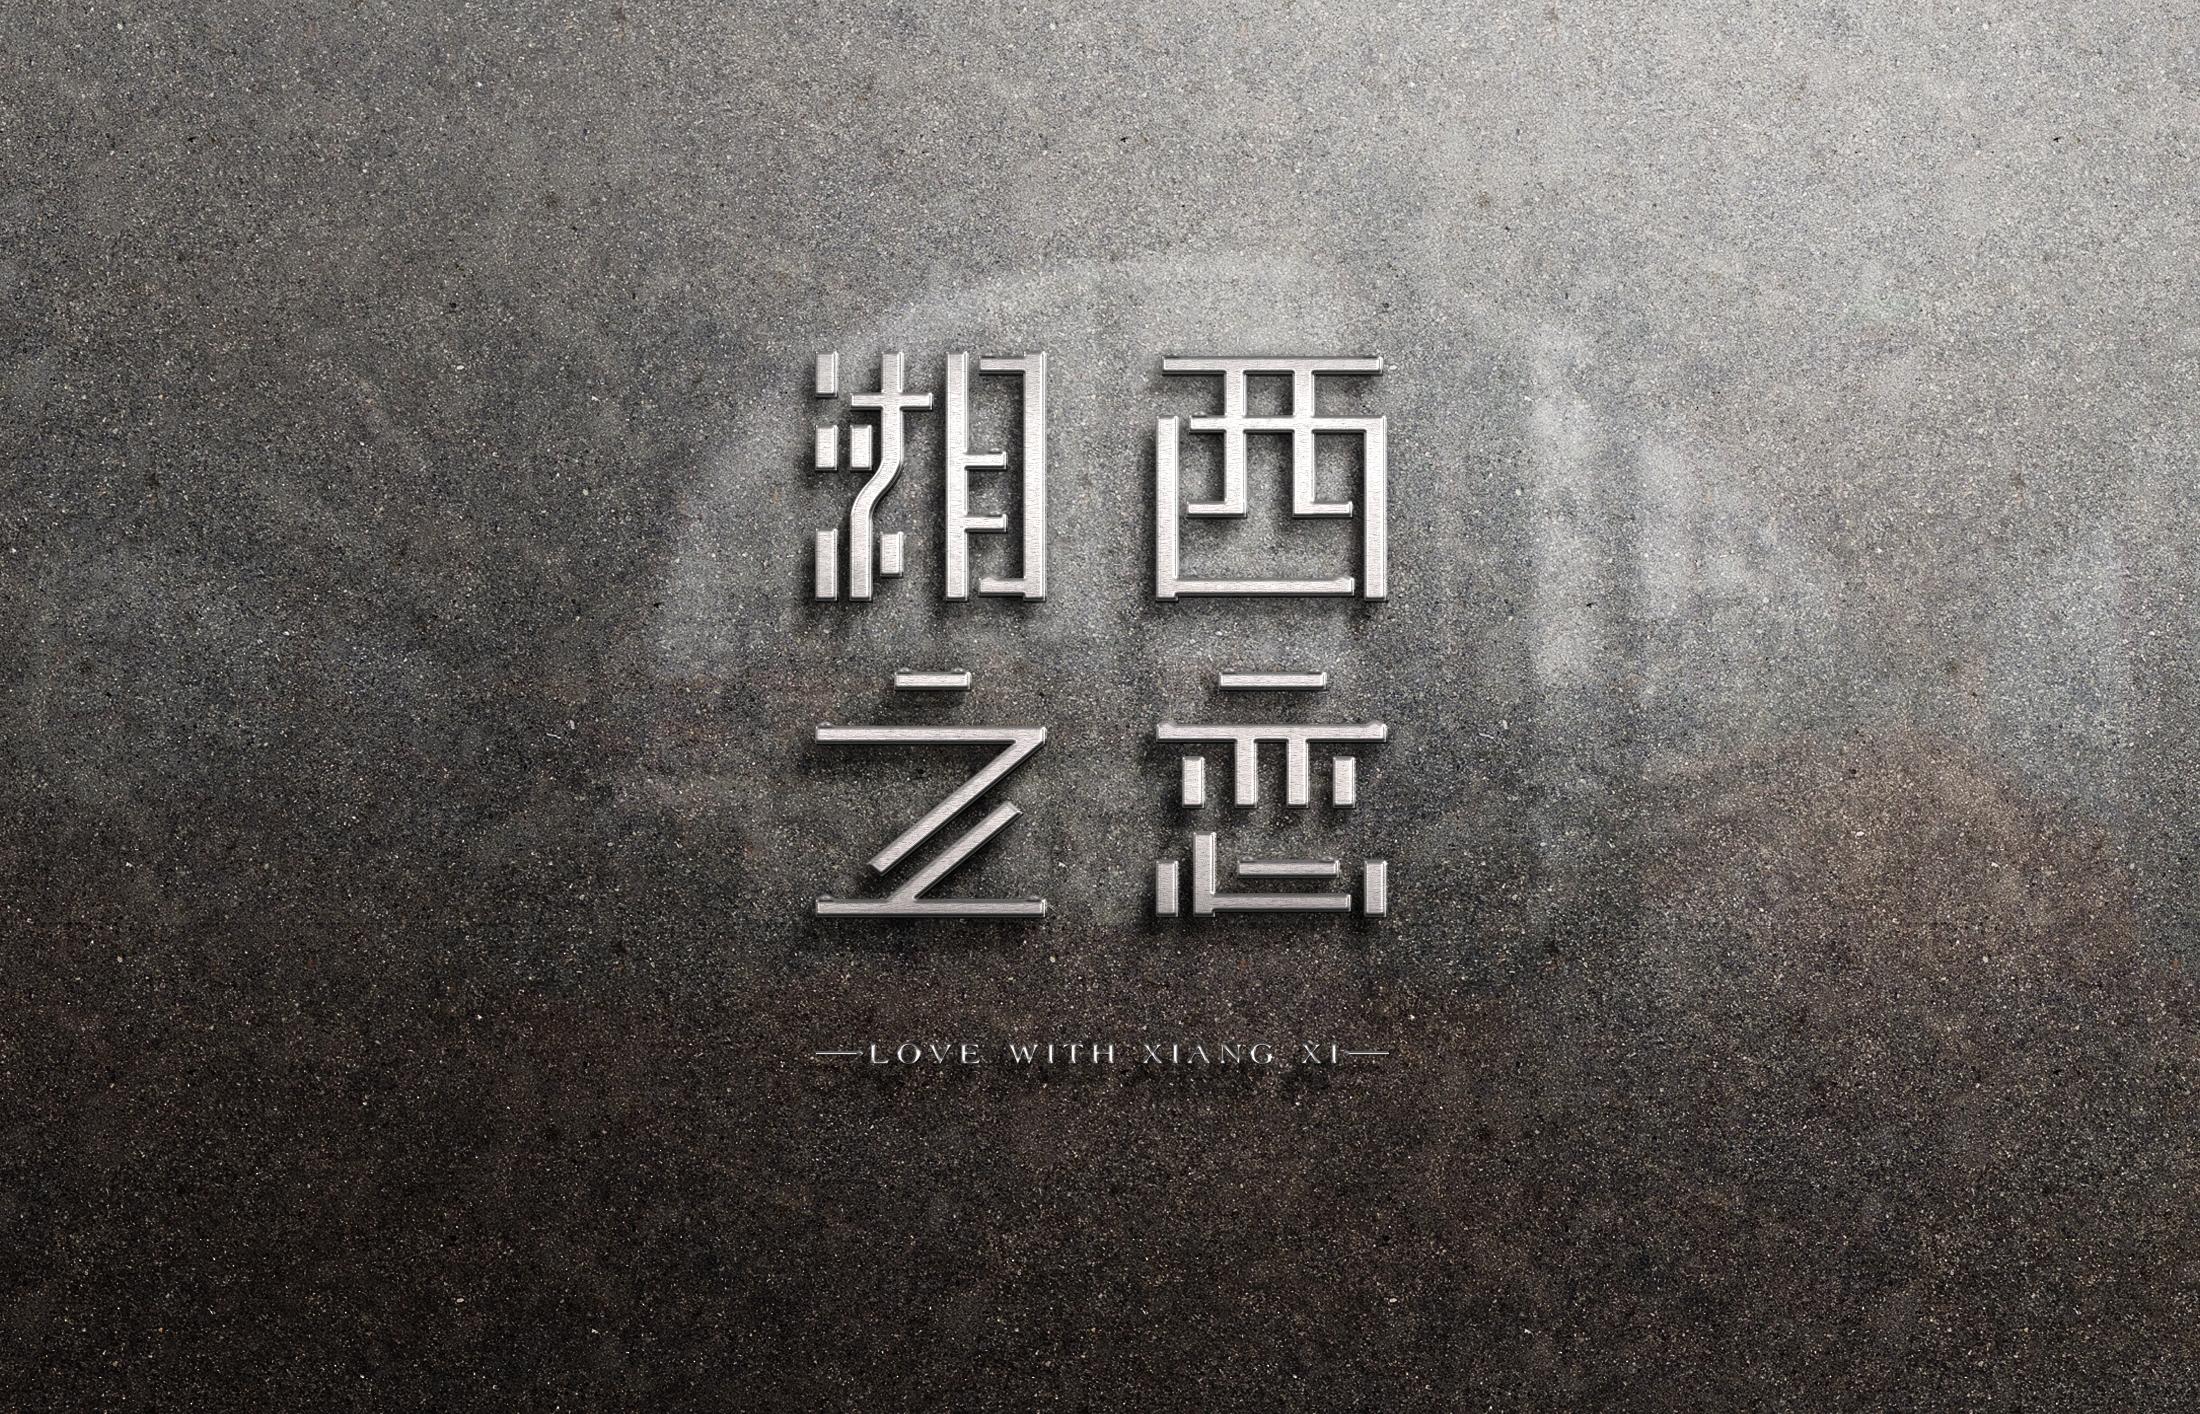 湘西之恋logo设计